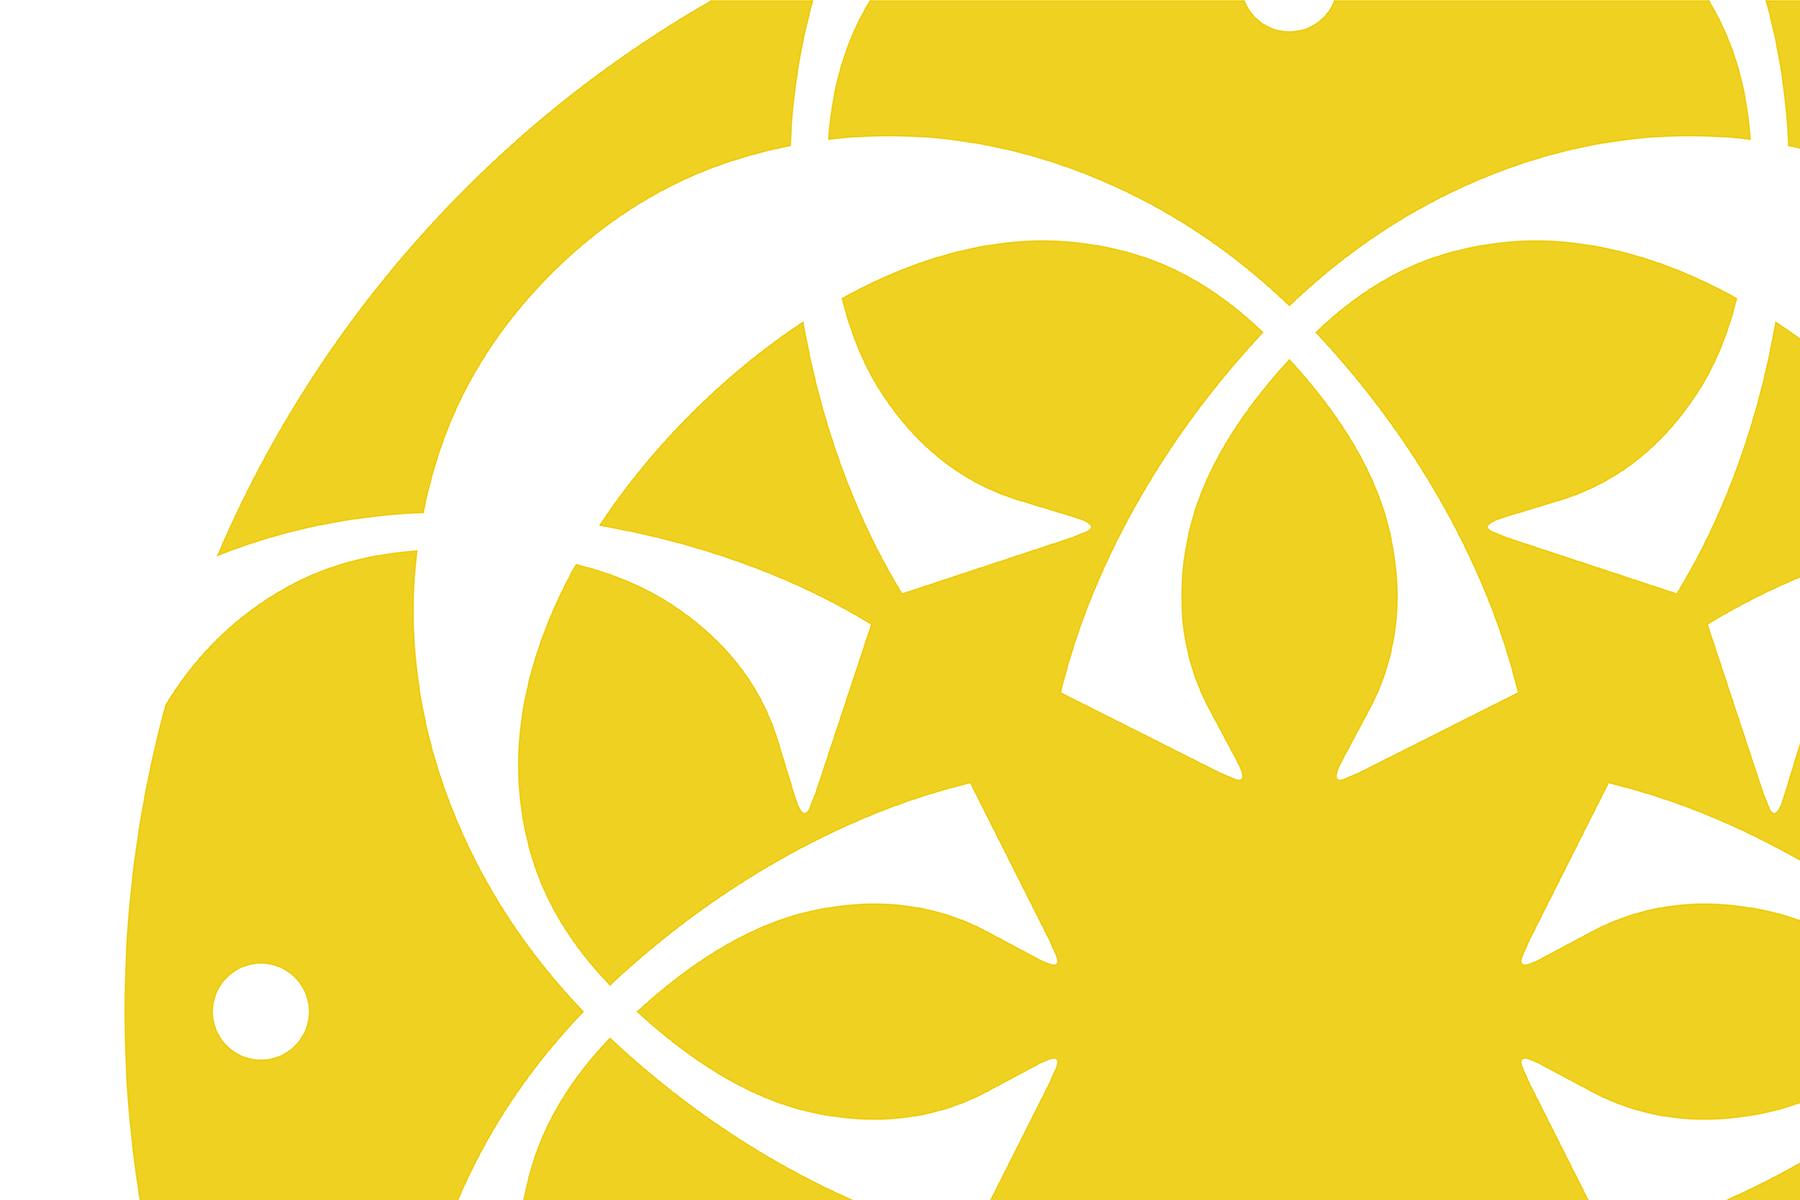 Villa-Copab_Visual-Identity-Design_3.jpg